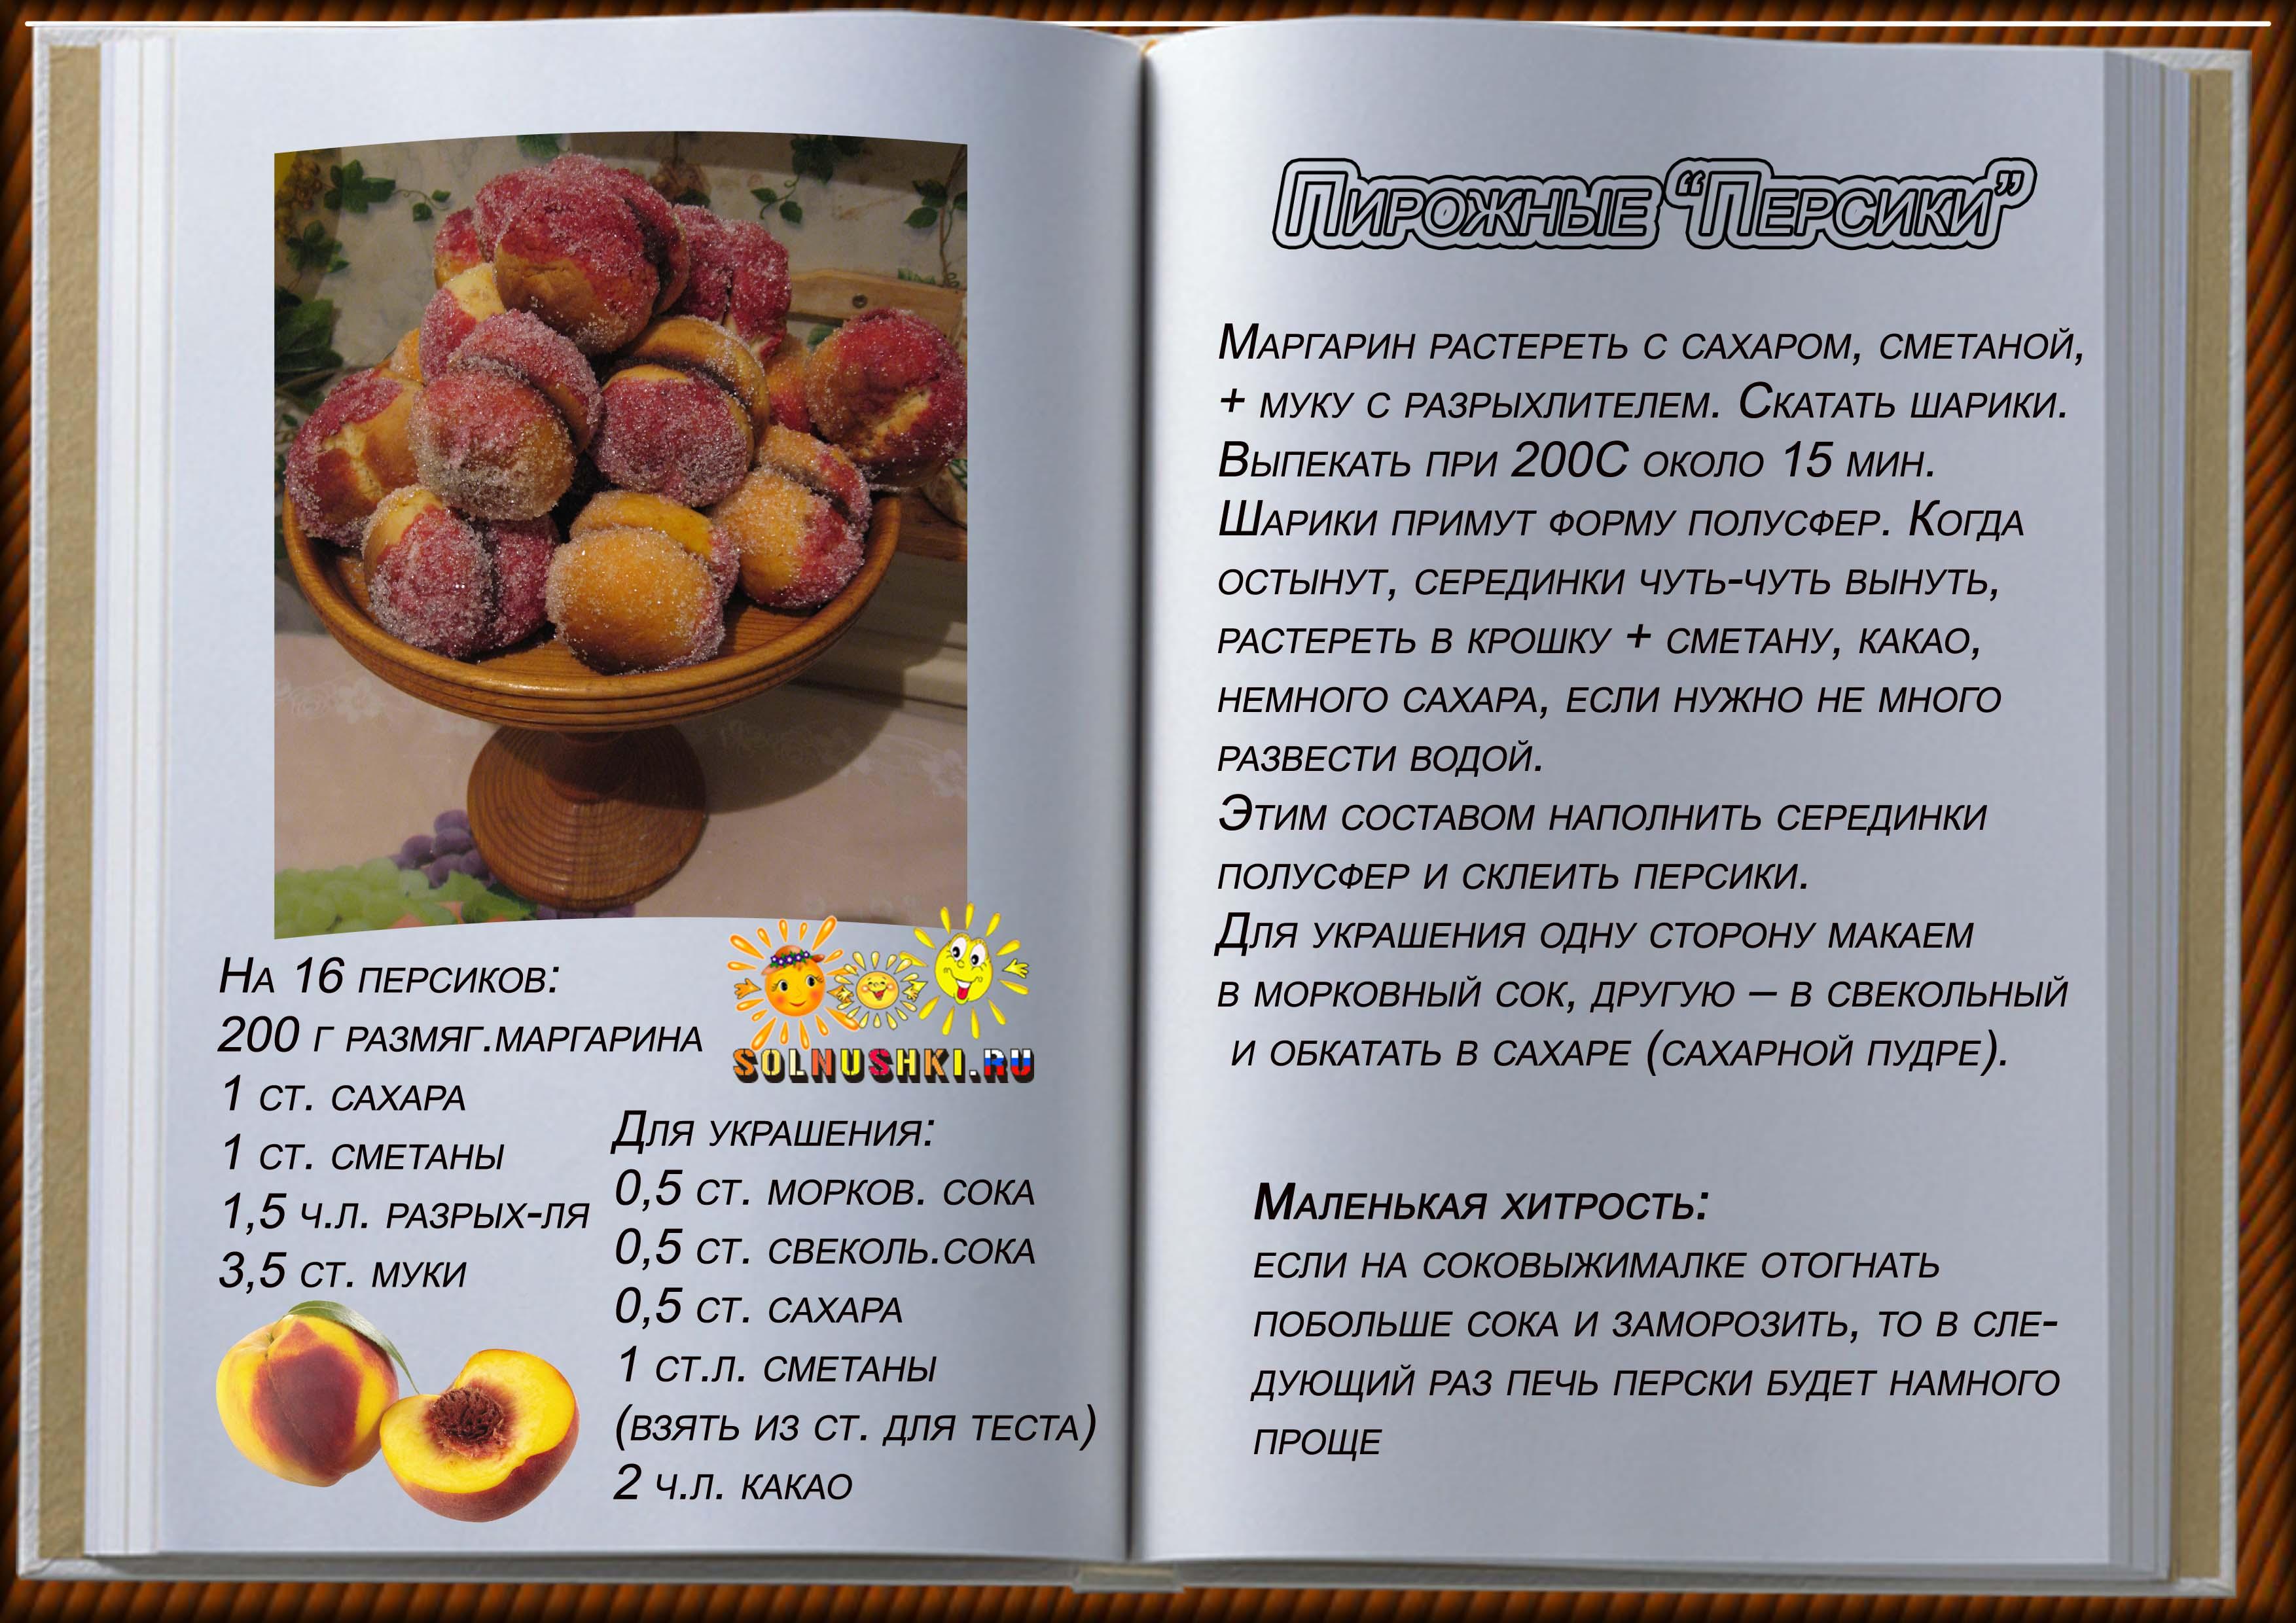 Сладкие блюда - Фото-рецепты пошагового приготовления 19